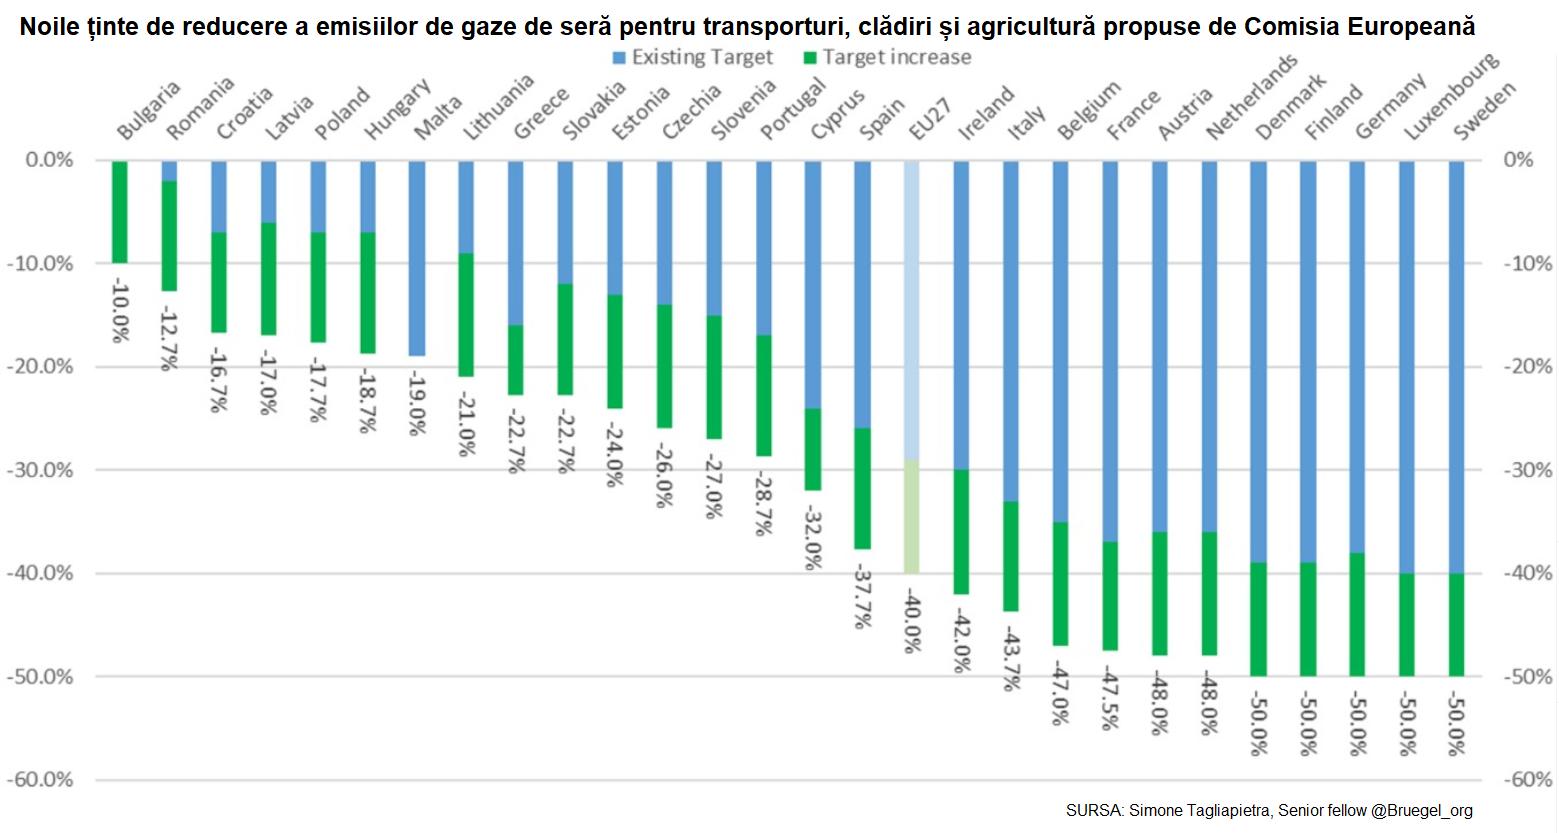 Ținte de reducere a emisiilor de gaze de seră pentru transporturi, clădiri și agricultură propuse de Comisia Europeană.png